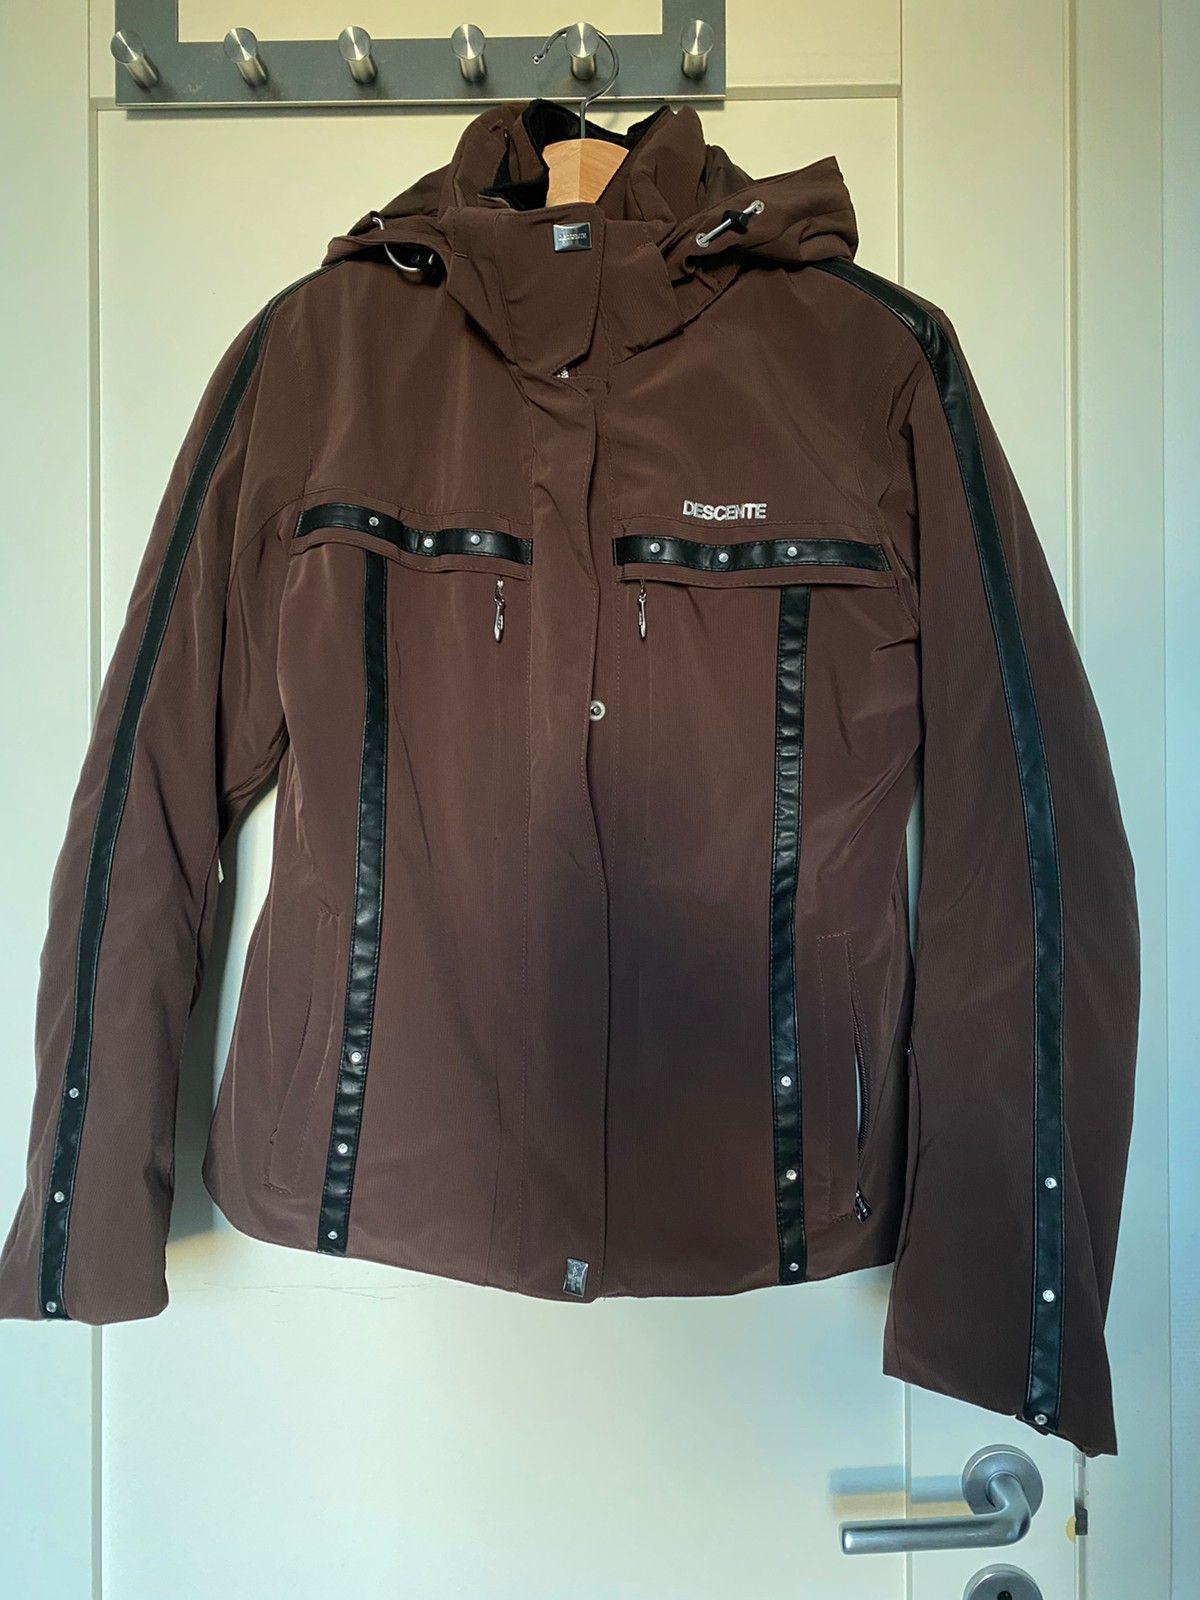 Descente jakke svart | FINN.no